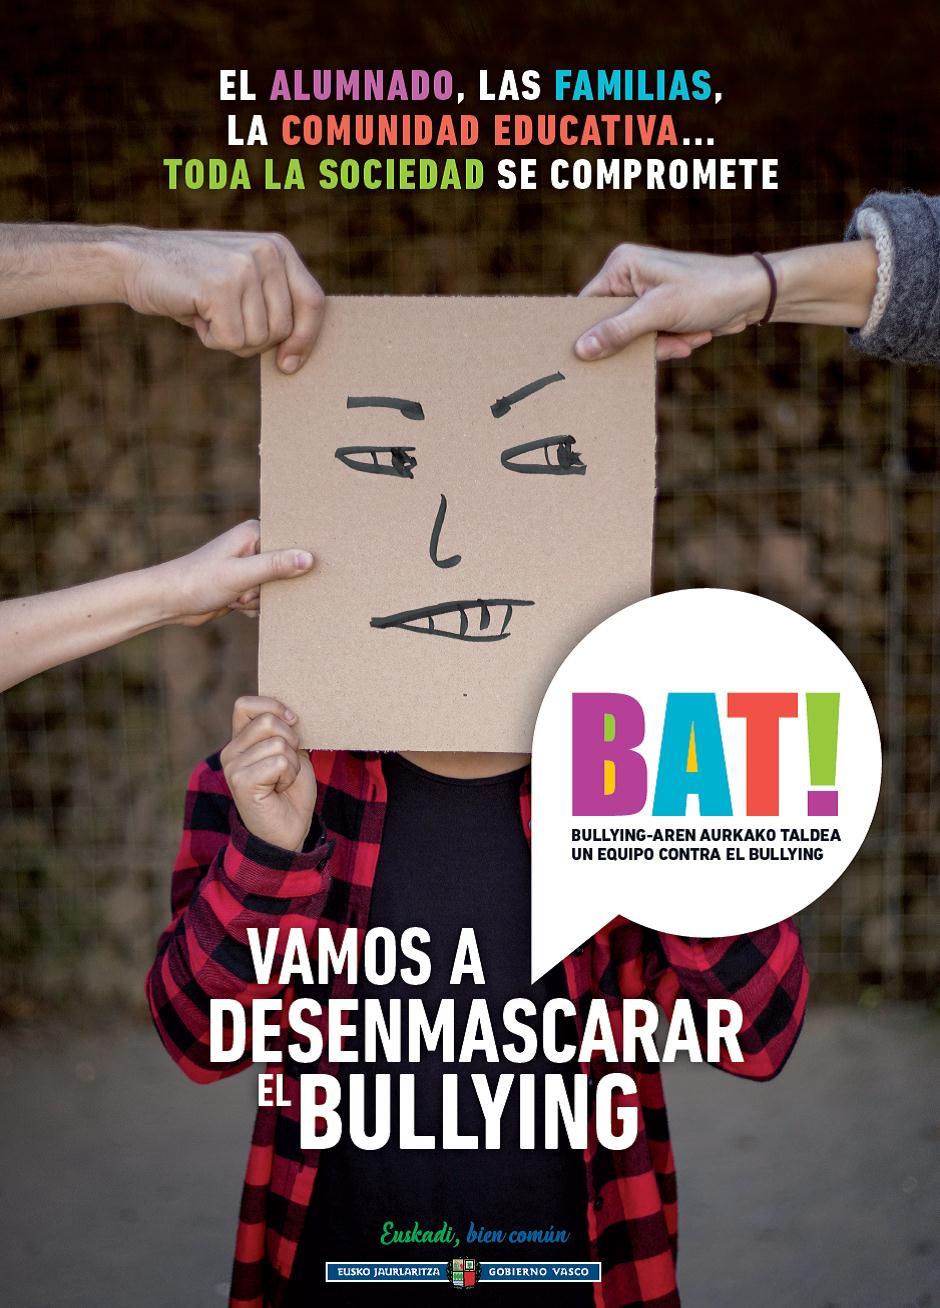 bat_es.jpg